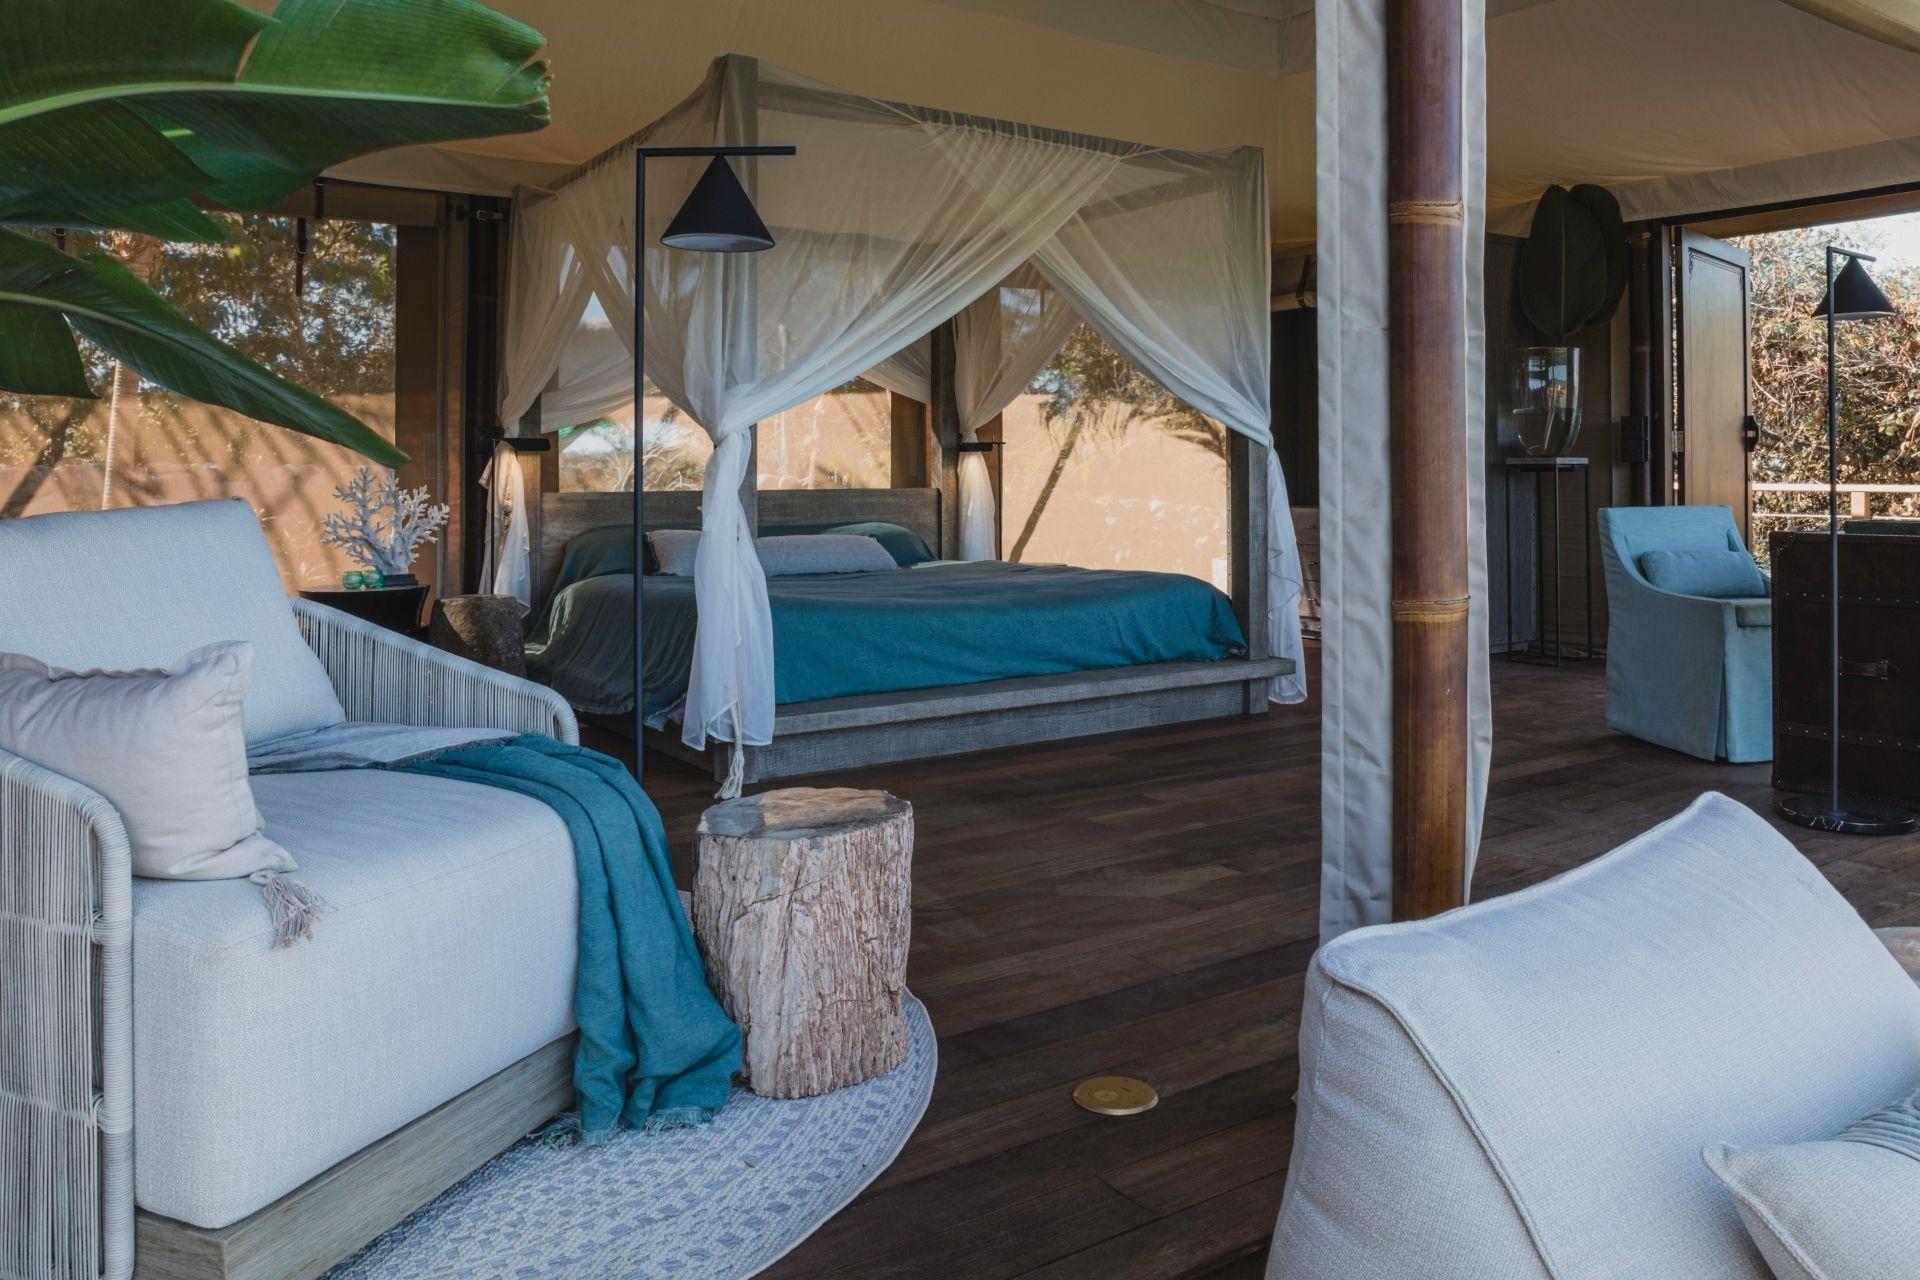 Move_Mountains_Luxury_Holidays_Sustainable_Americas_Panama_Islas_Secas_tented_Casitas_bedroom